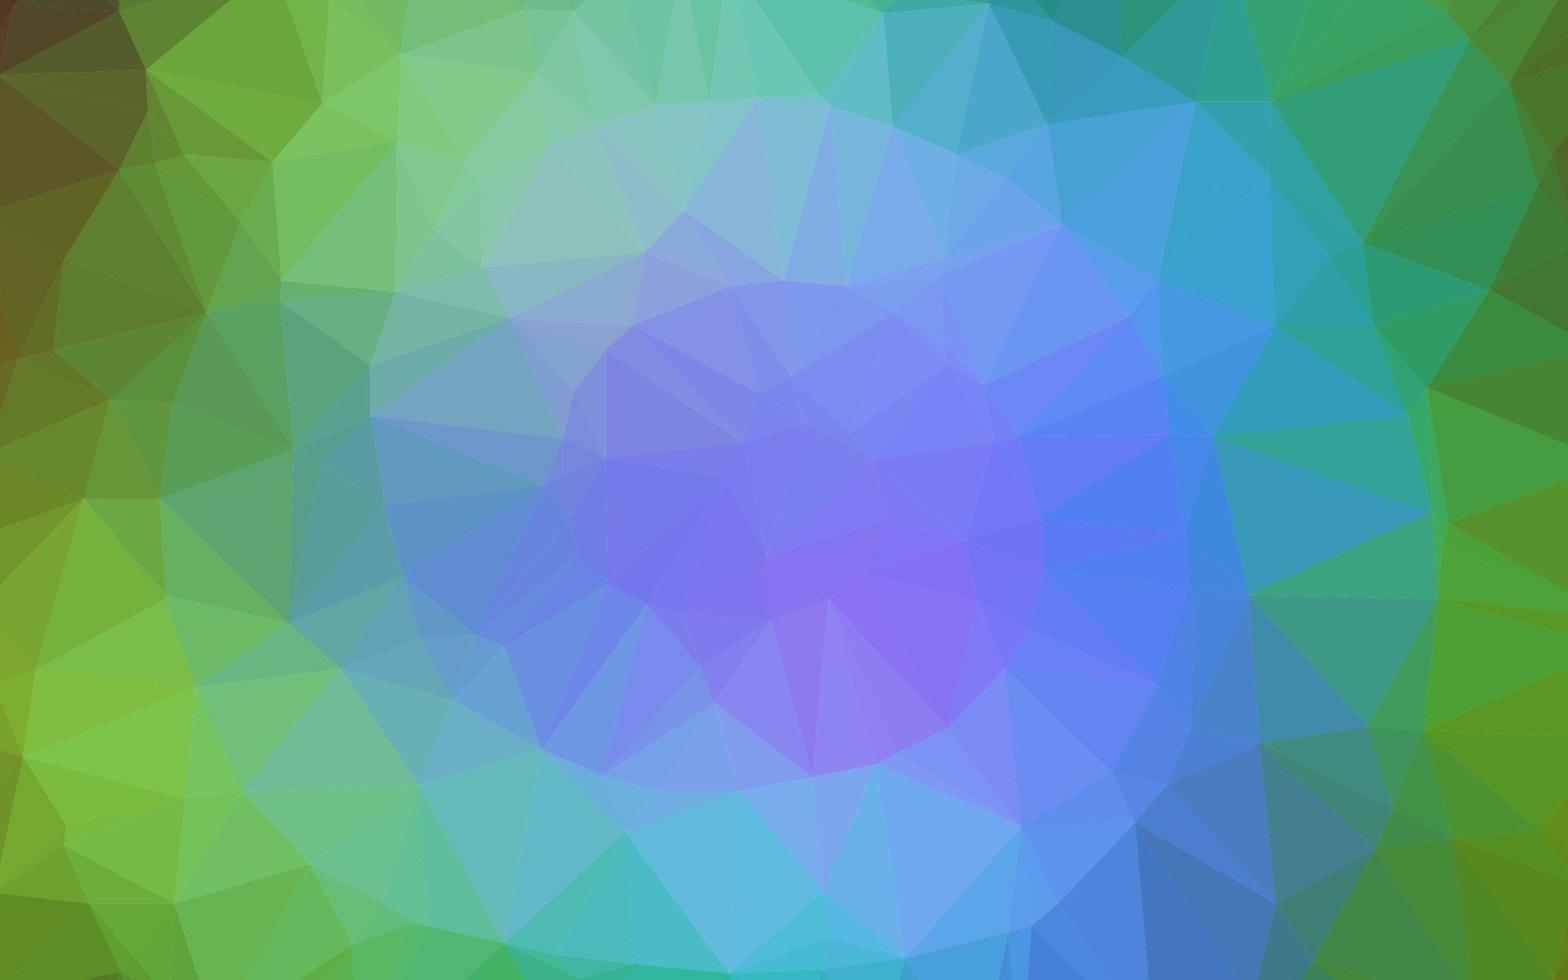 luz multicolorida, modelo poligonal de vetor de arco-íris.